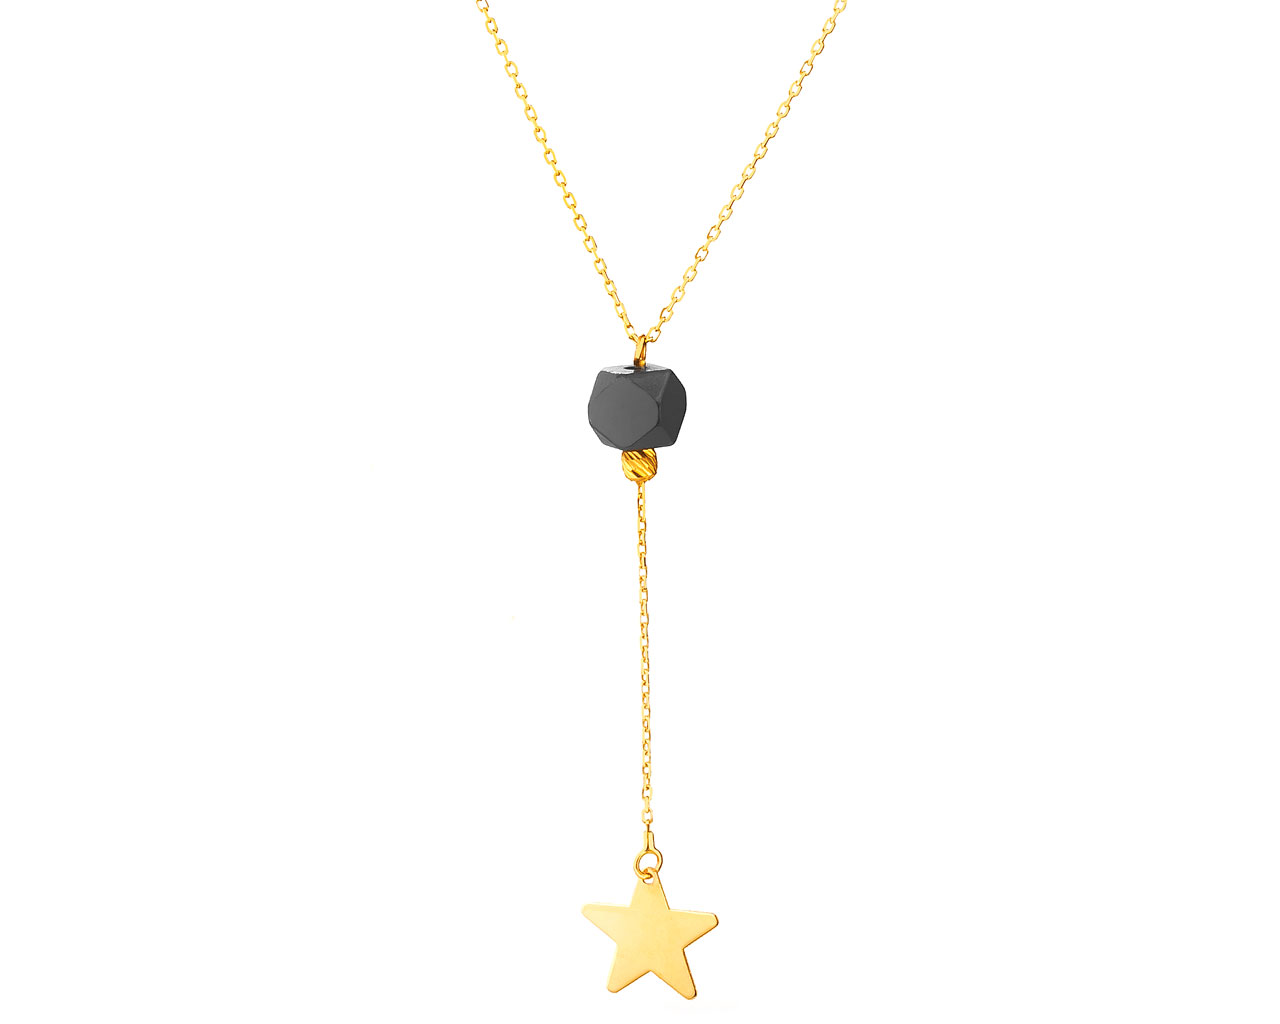 816ede41a Zlatý náhrdelník s hvězdou / Artelioni